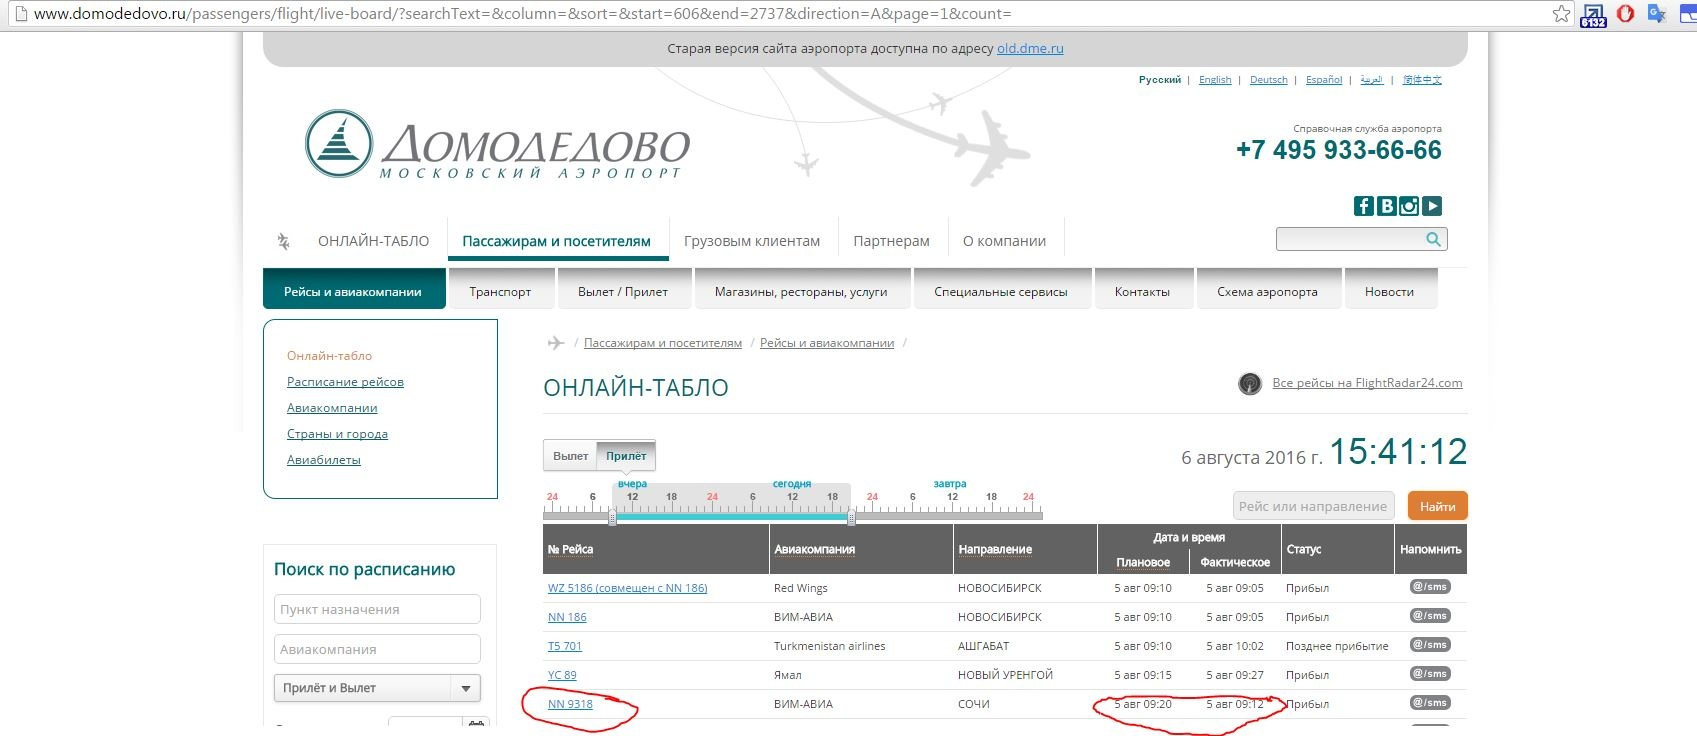 Купить авиабилеты онлайн дешево и быстро можно